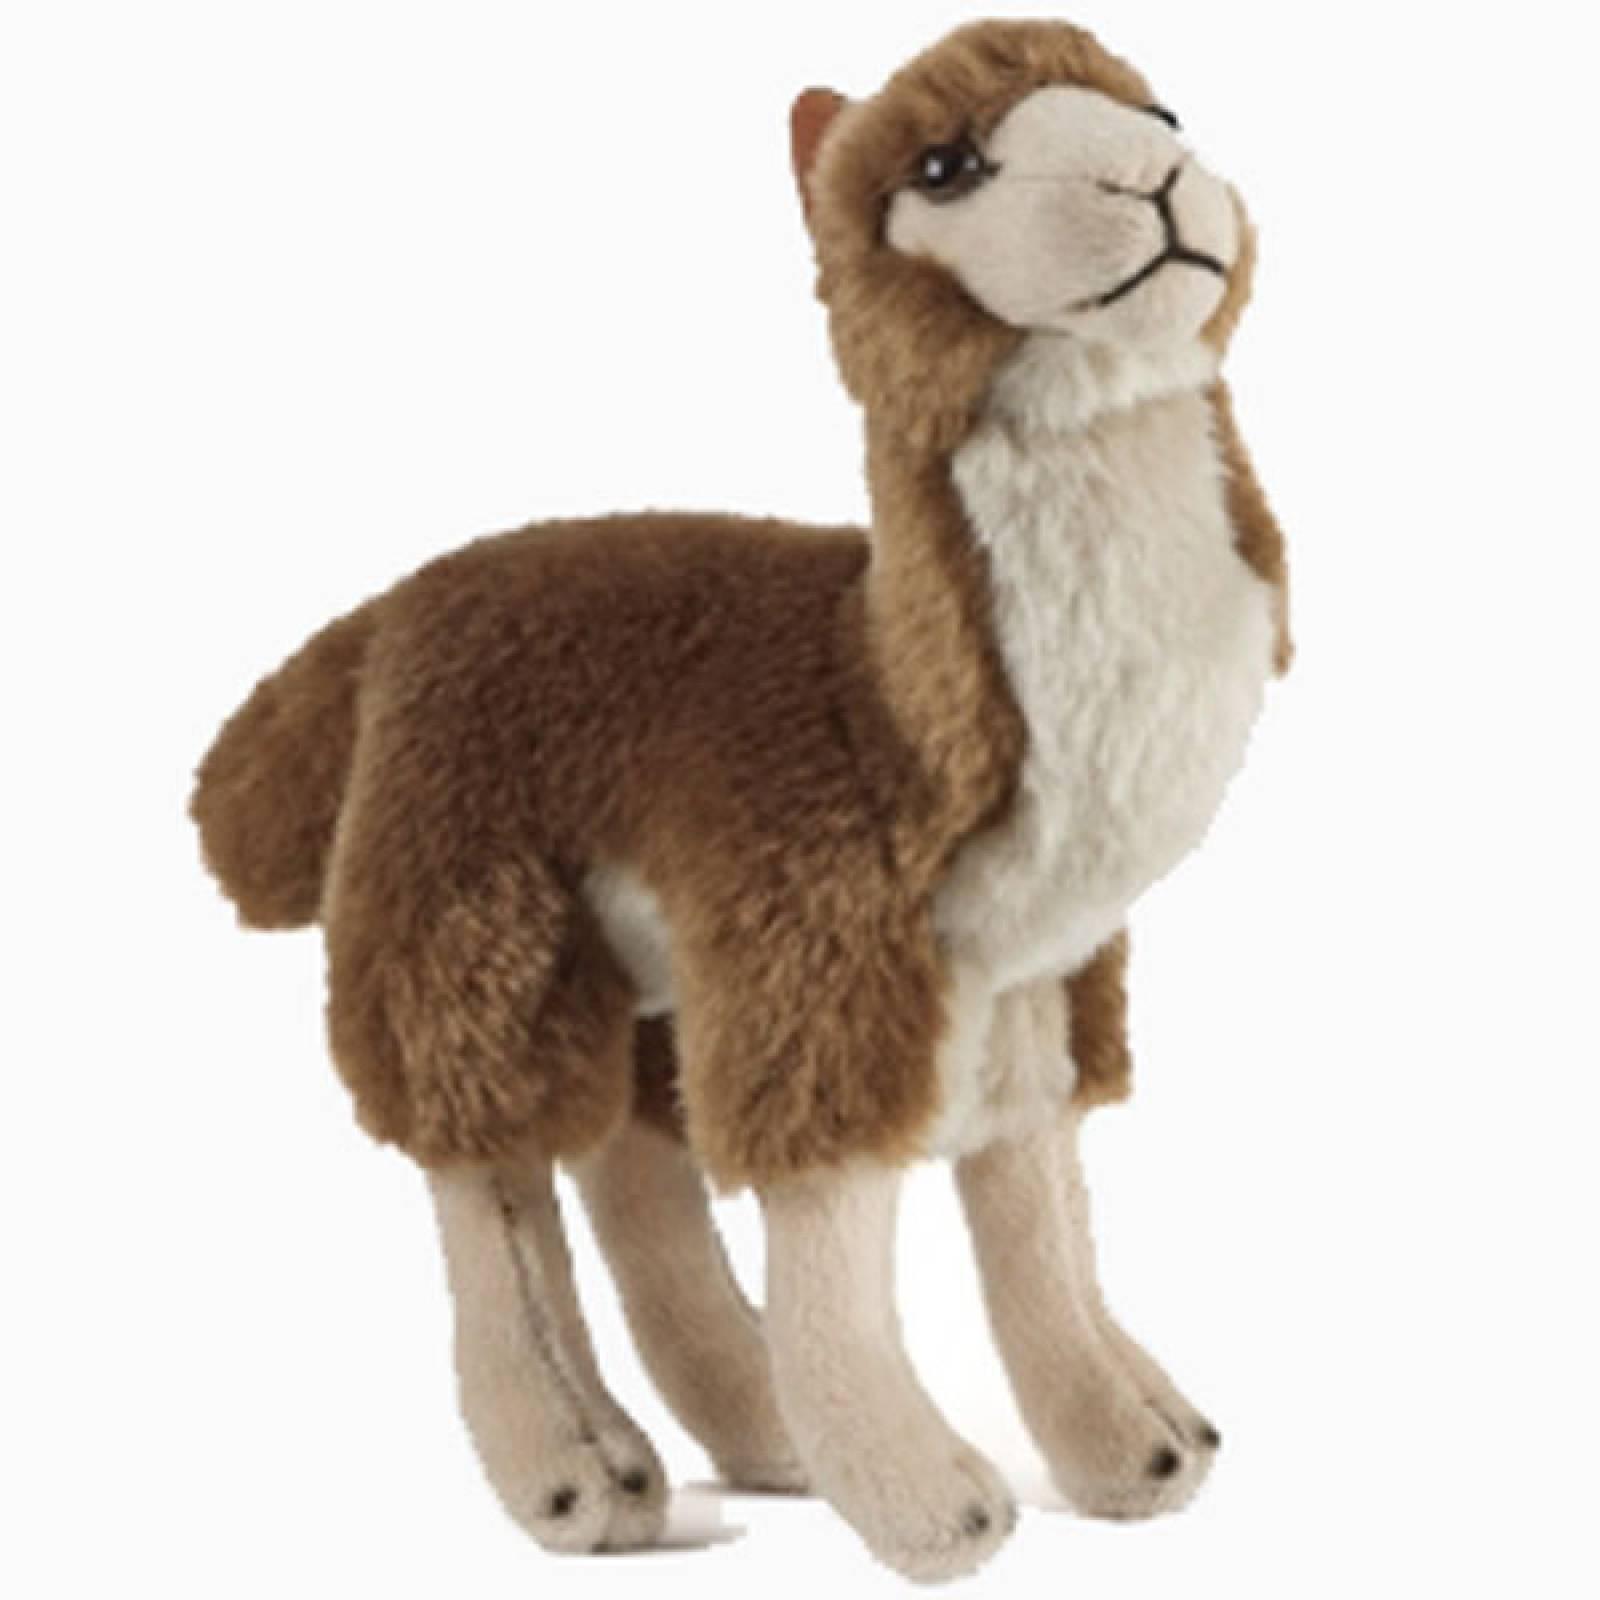 Llama Soft Toy Small